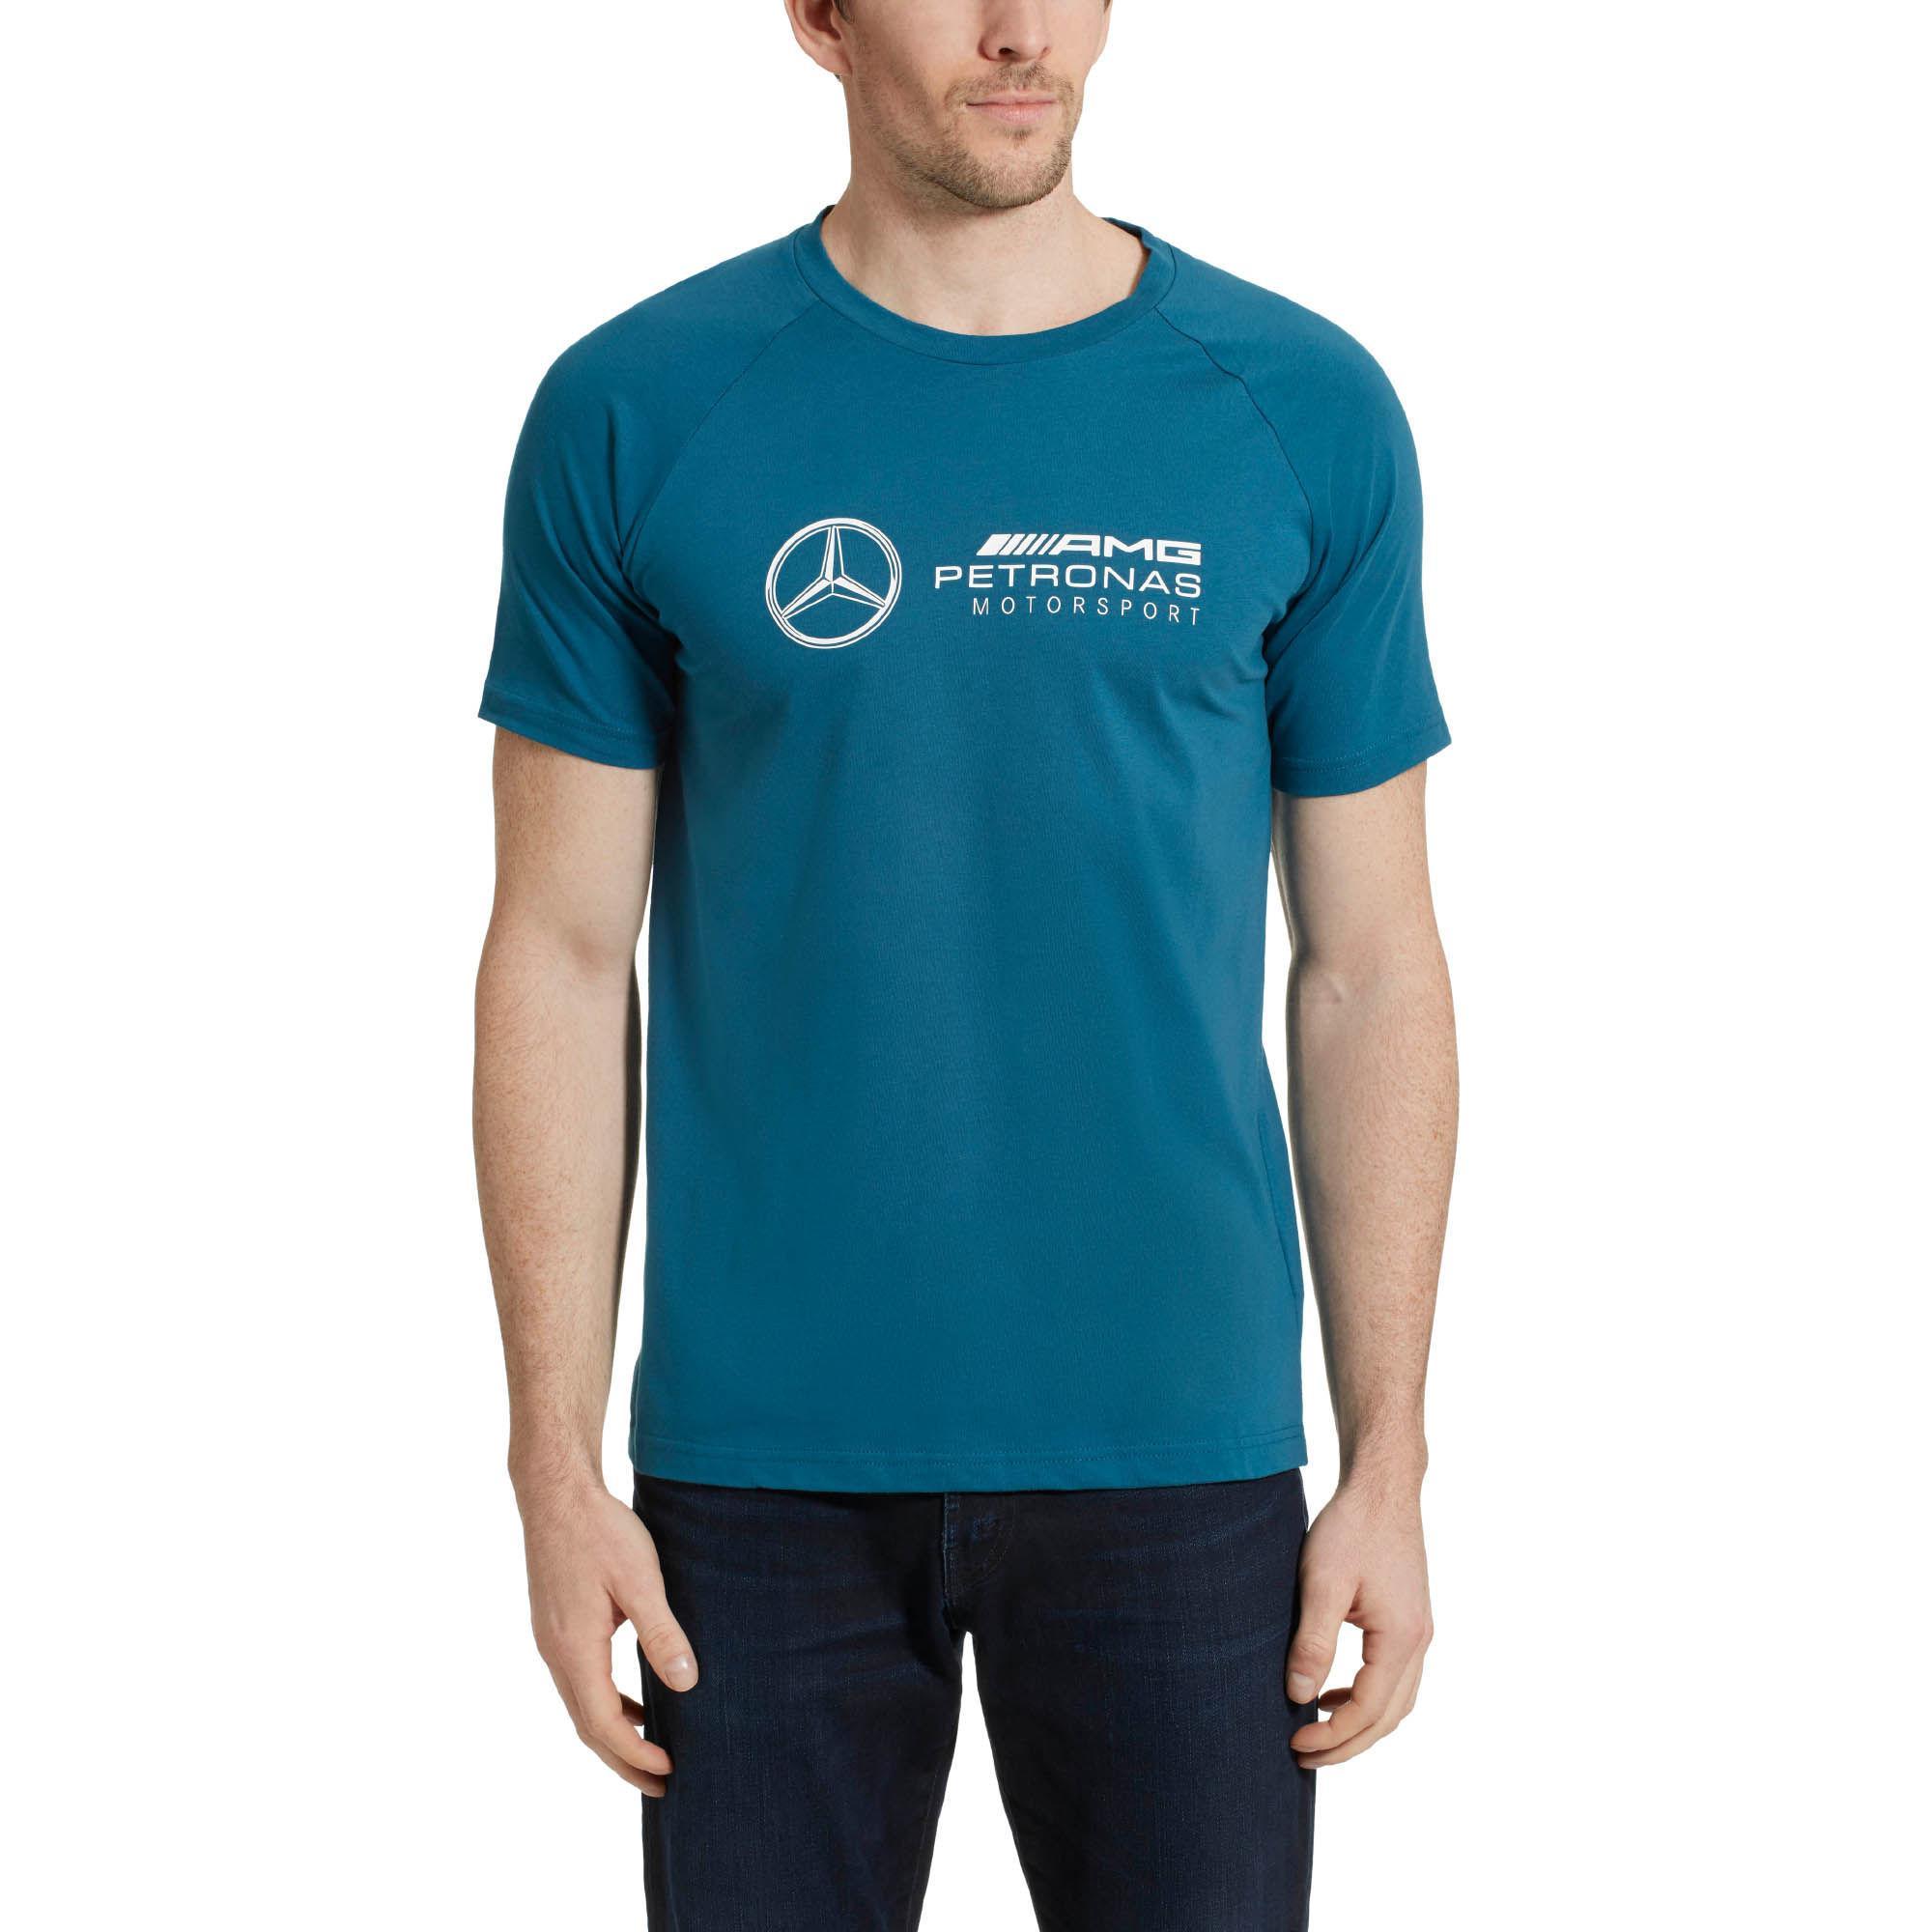 38871fa1f0f PUMA Mercedes Amg Petronas Men's Logo Tee in Blue for Men - Lyst